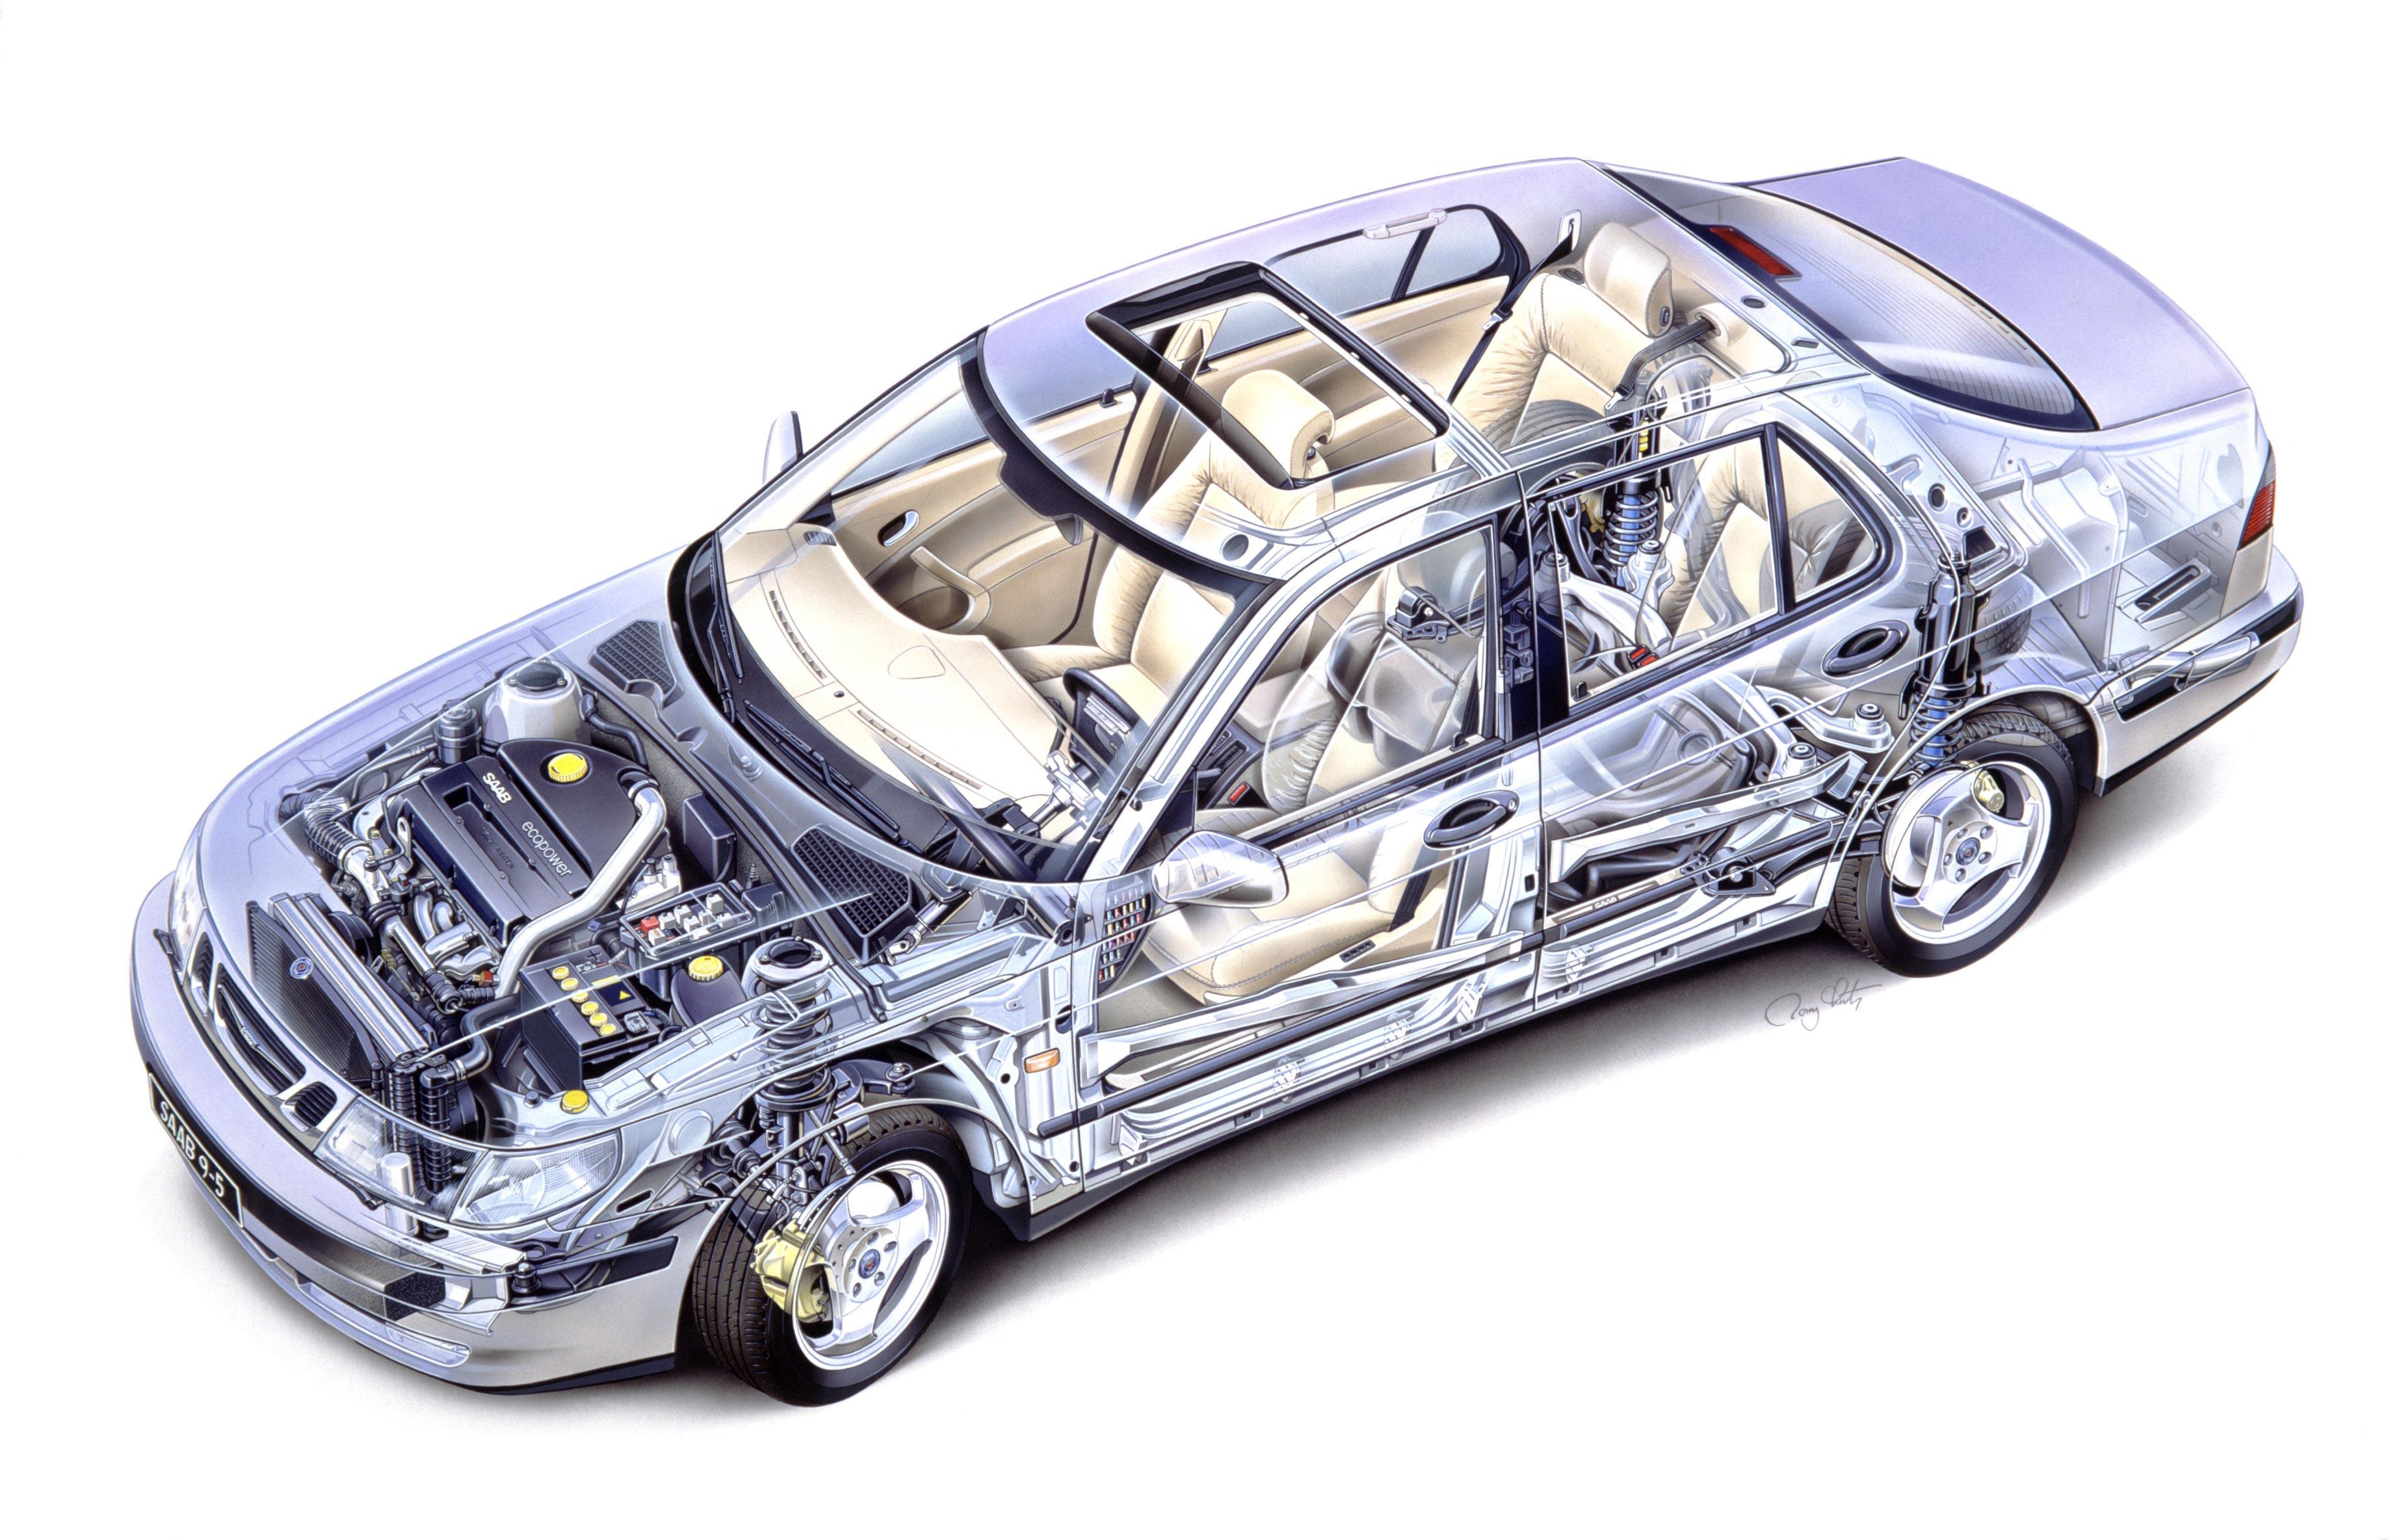 Saab 9-5 Sedan cutaway drawing